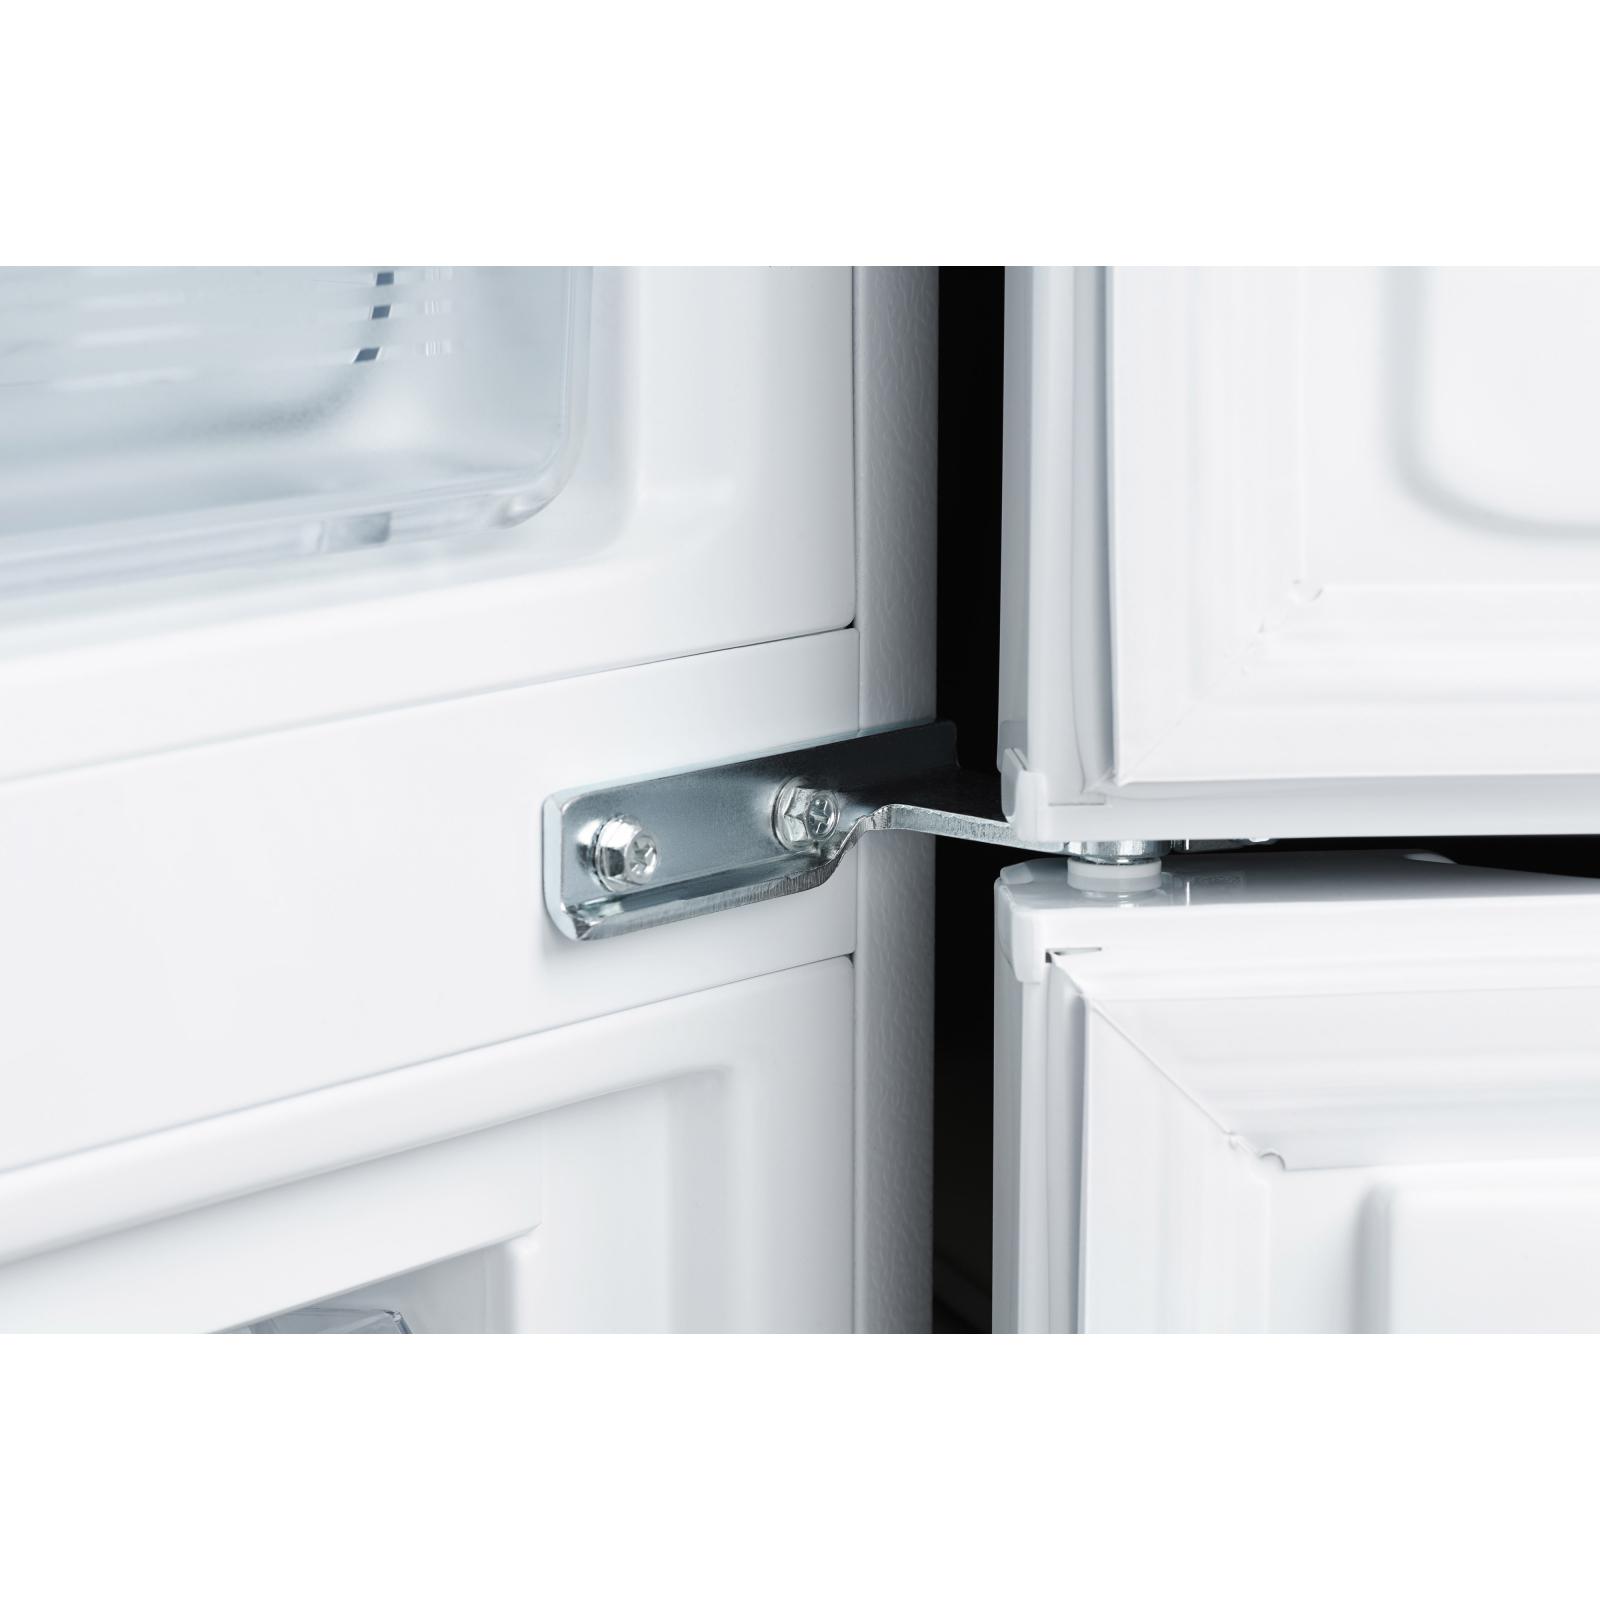 Холодильник Ardesto DNF-M326W200 зображення 5